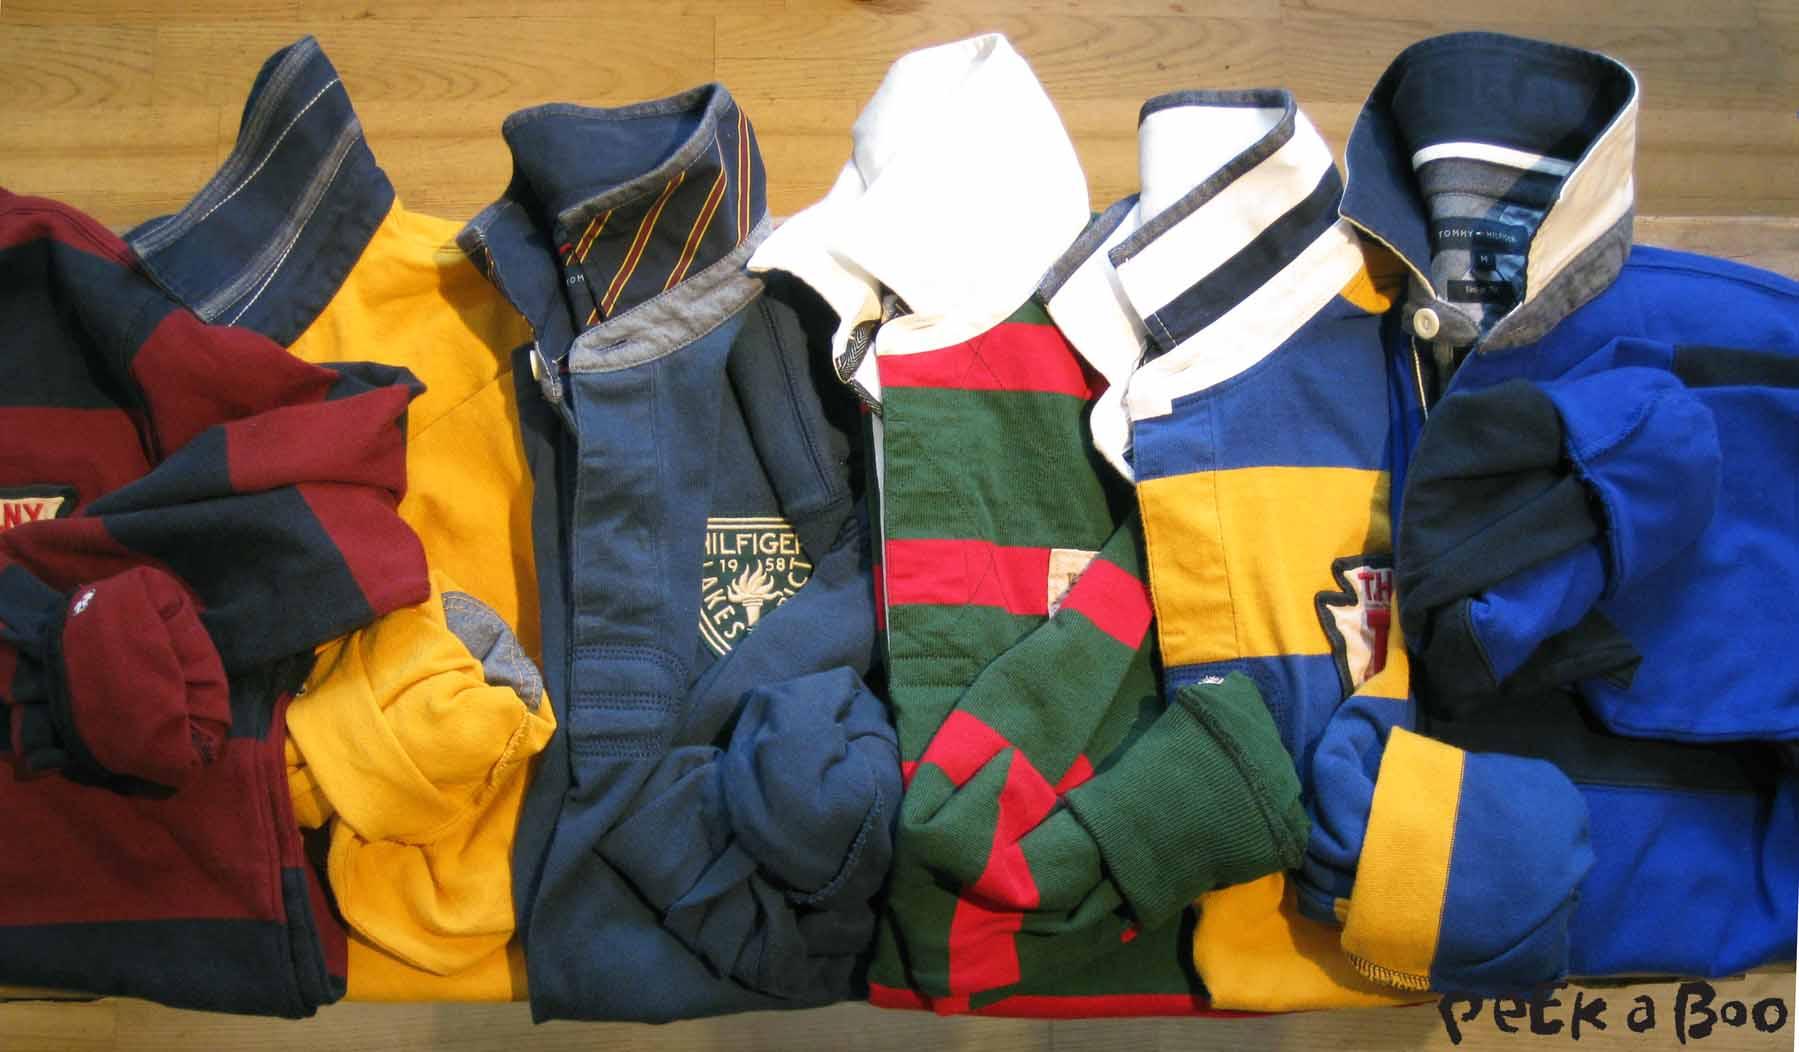 Rugby trøjerne som SKAL være med i Hilfiger's kollektioner...flotte farver og sporty striber...